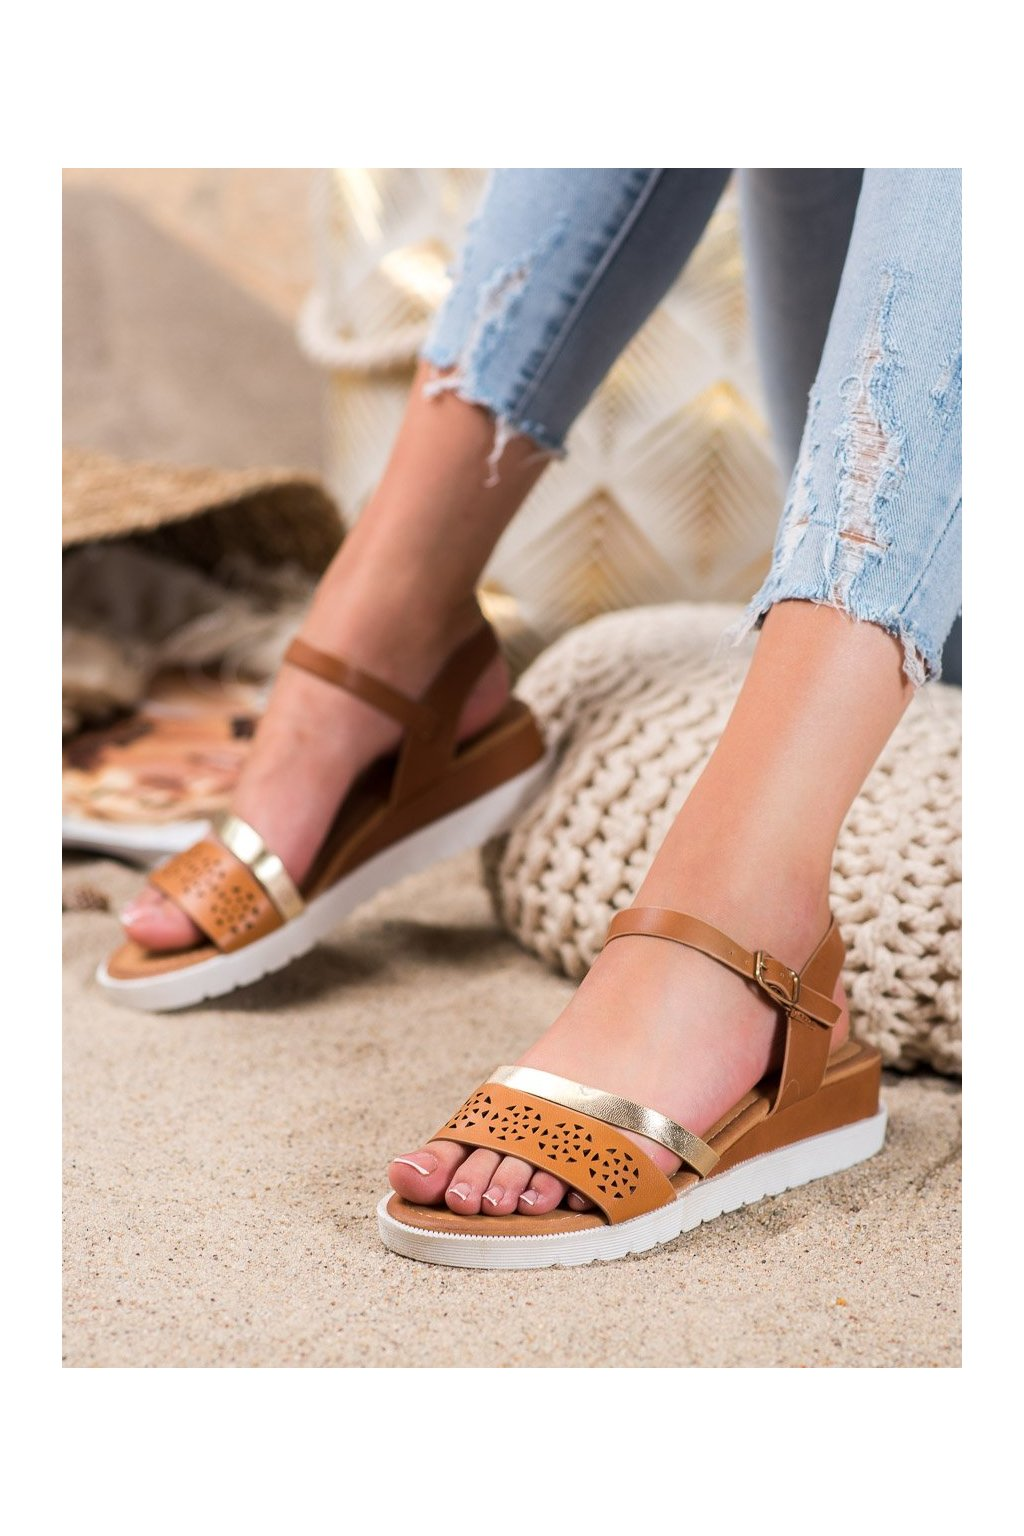 Hnedé sandále Renda kod RD048C